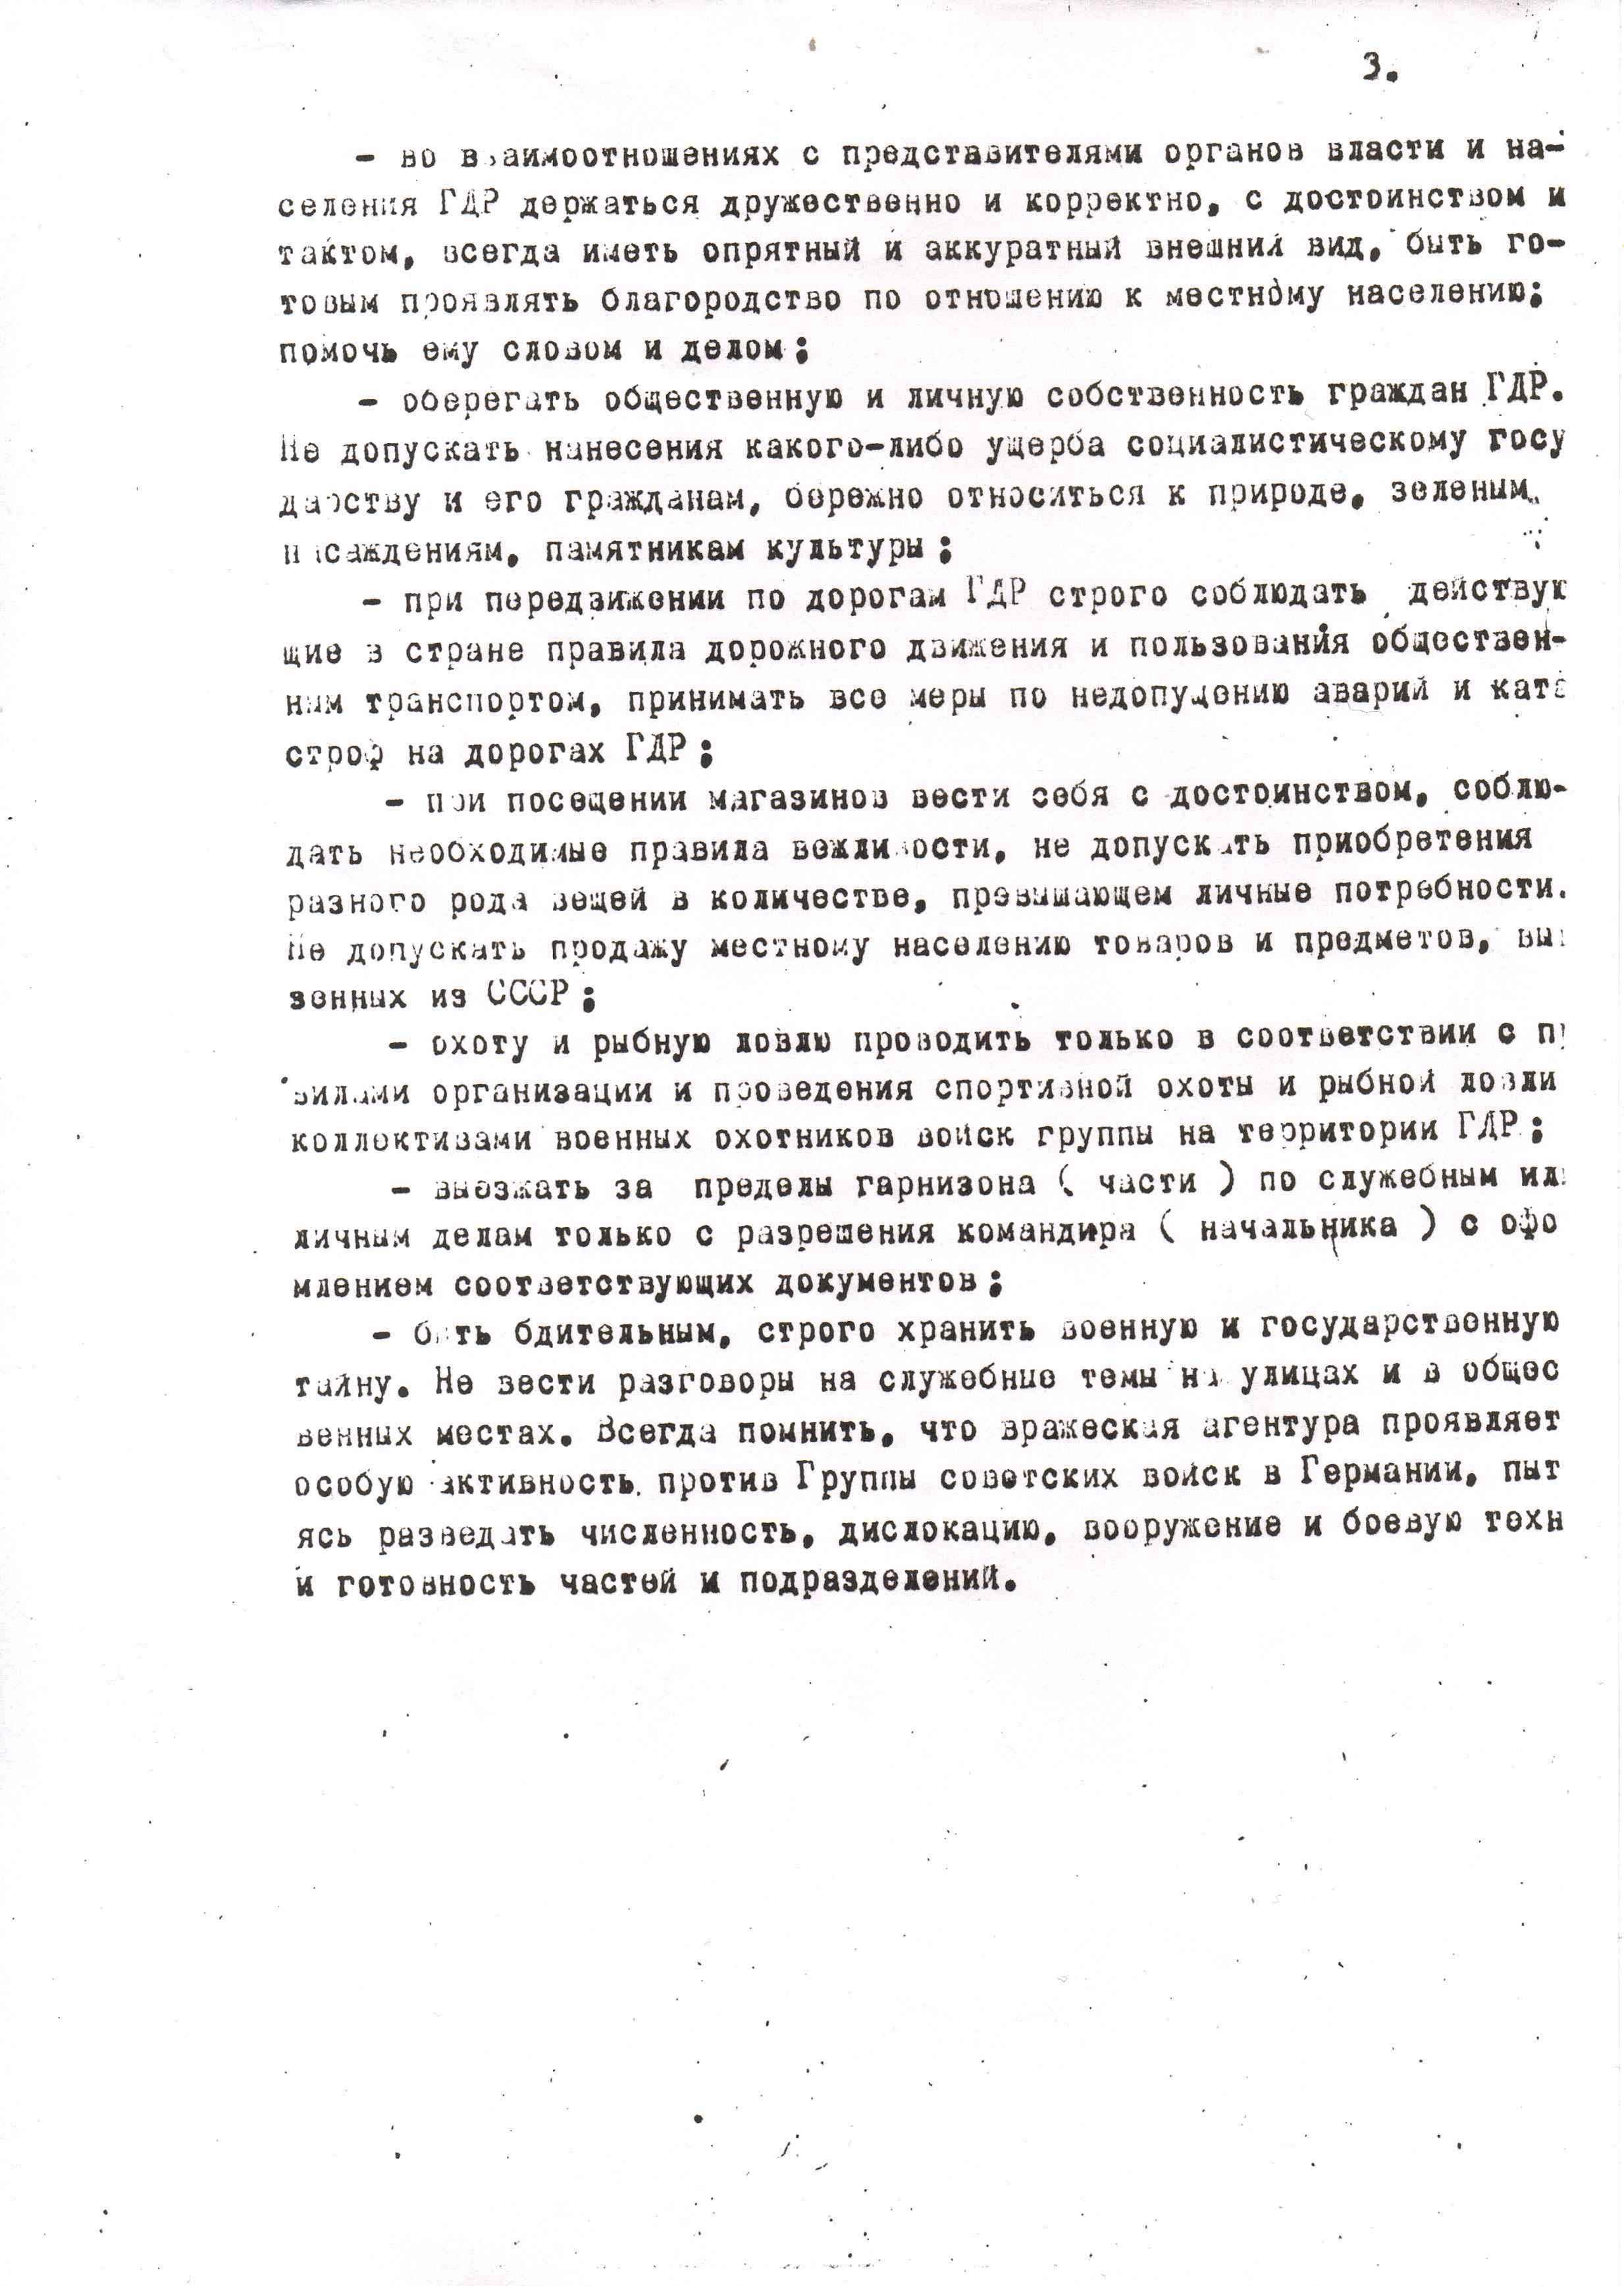 http://s2.uploads.ru/xLGyn.jpg